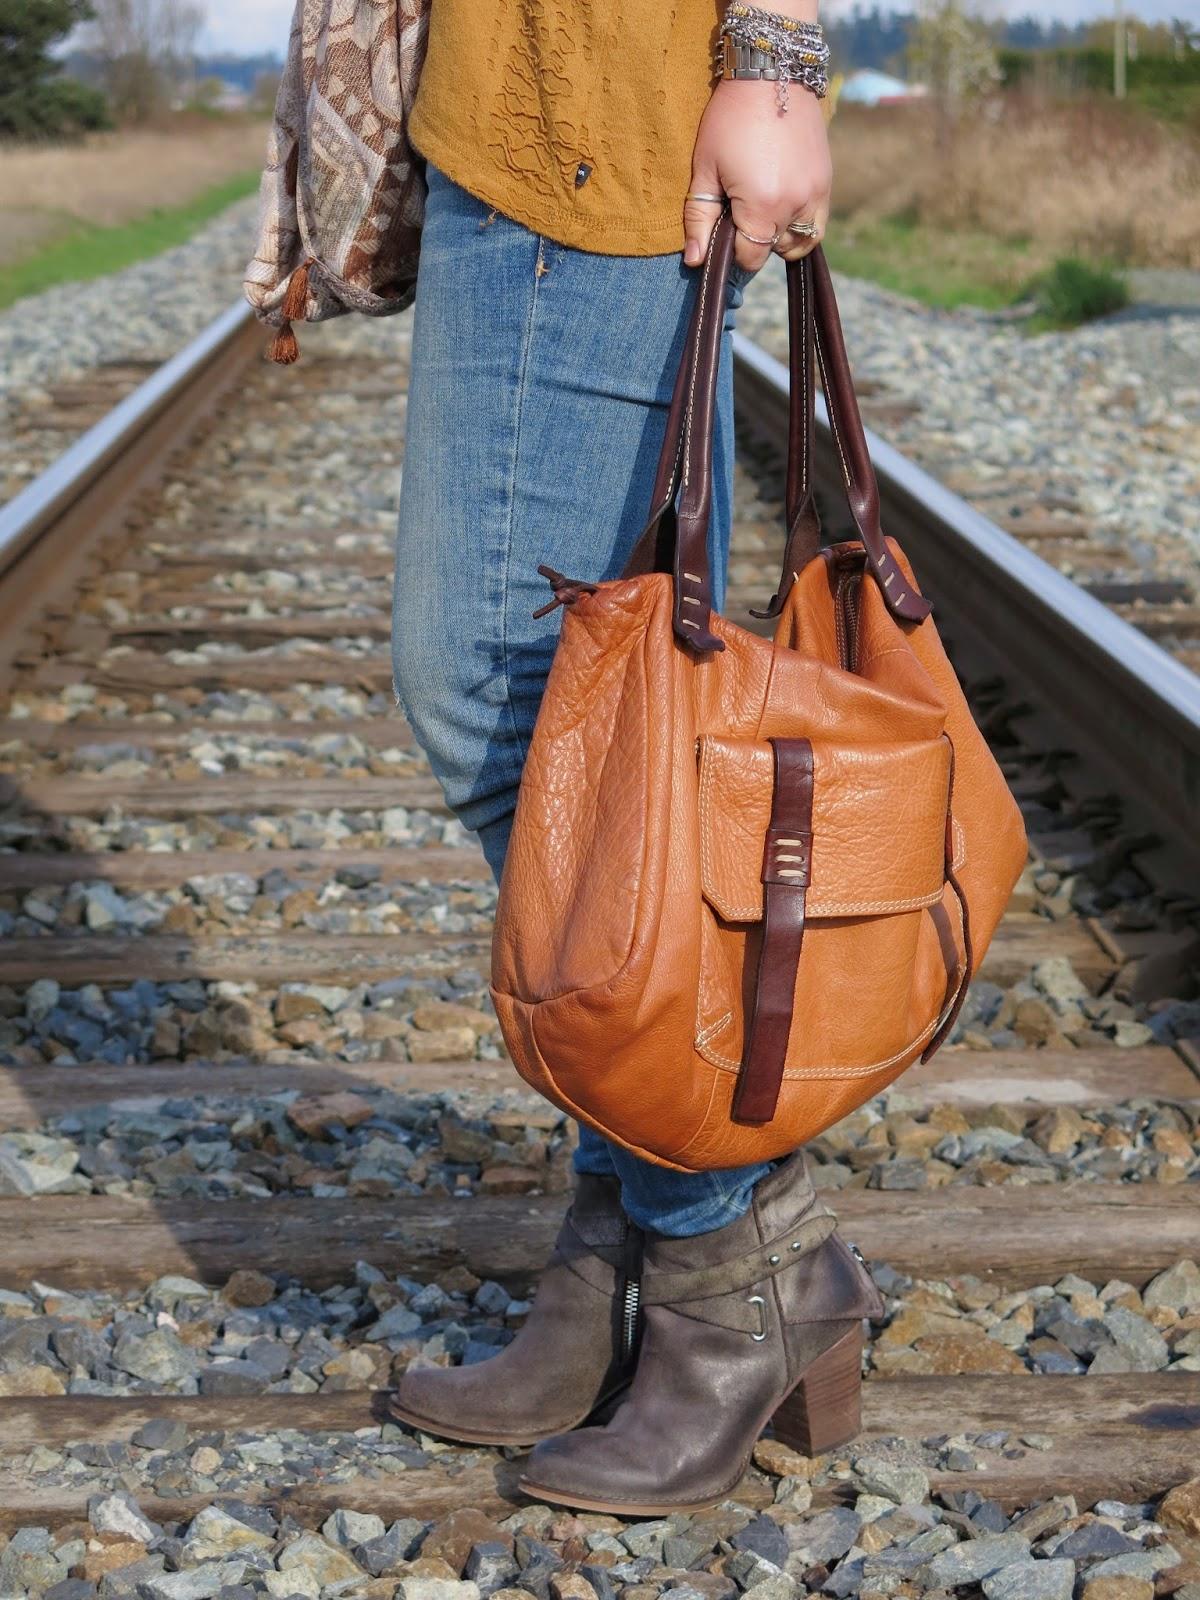 skinny jeans, Wishbone Collection booties, cognac satchel